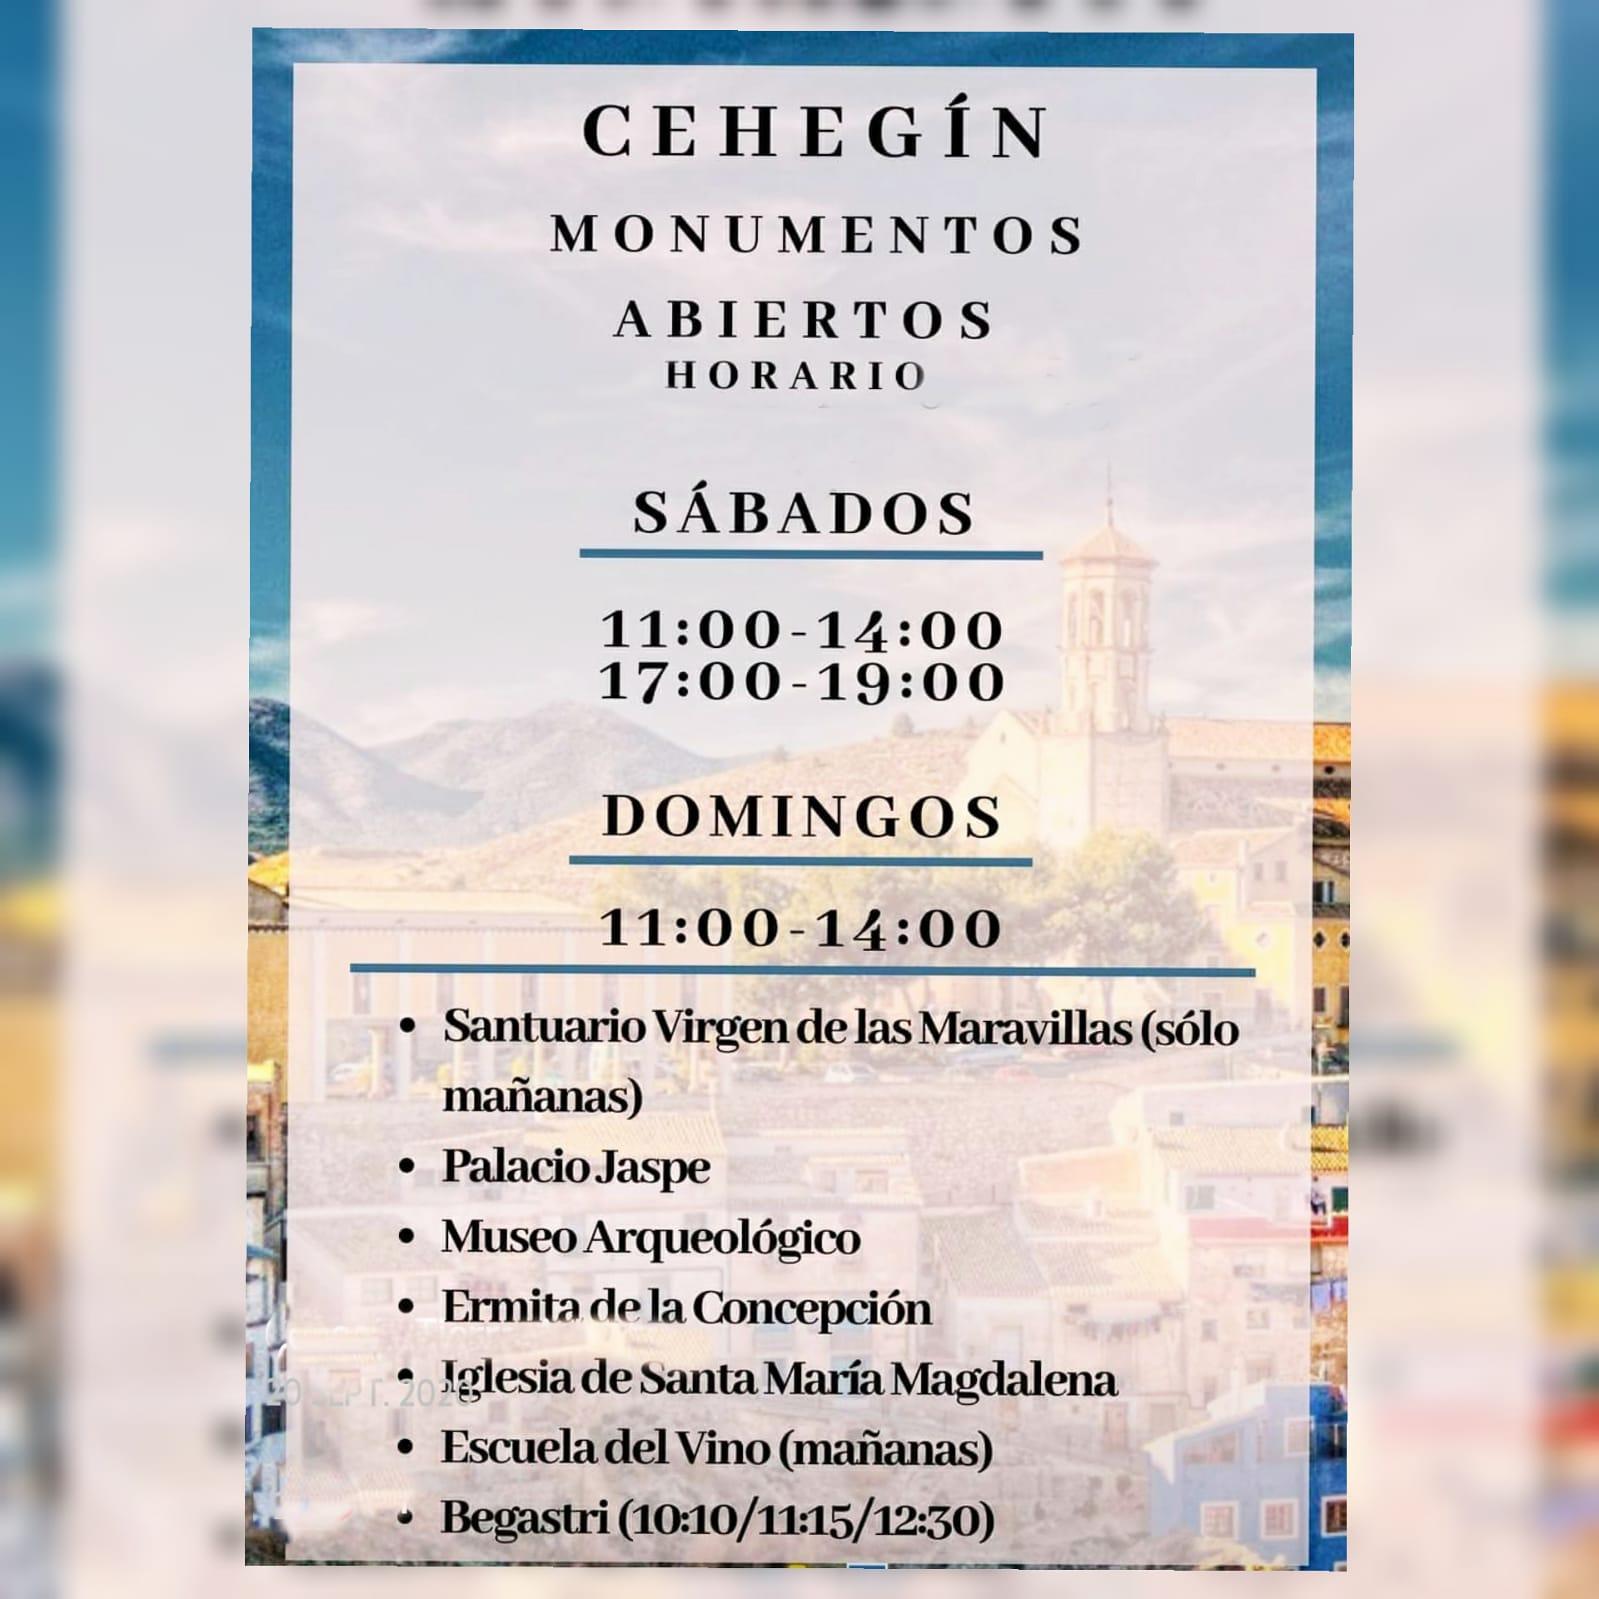 Los monumentos de Cehegín se reabren a la visita a partir de este fin de semana